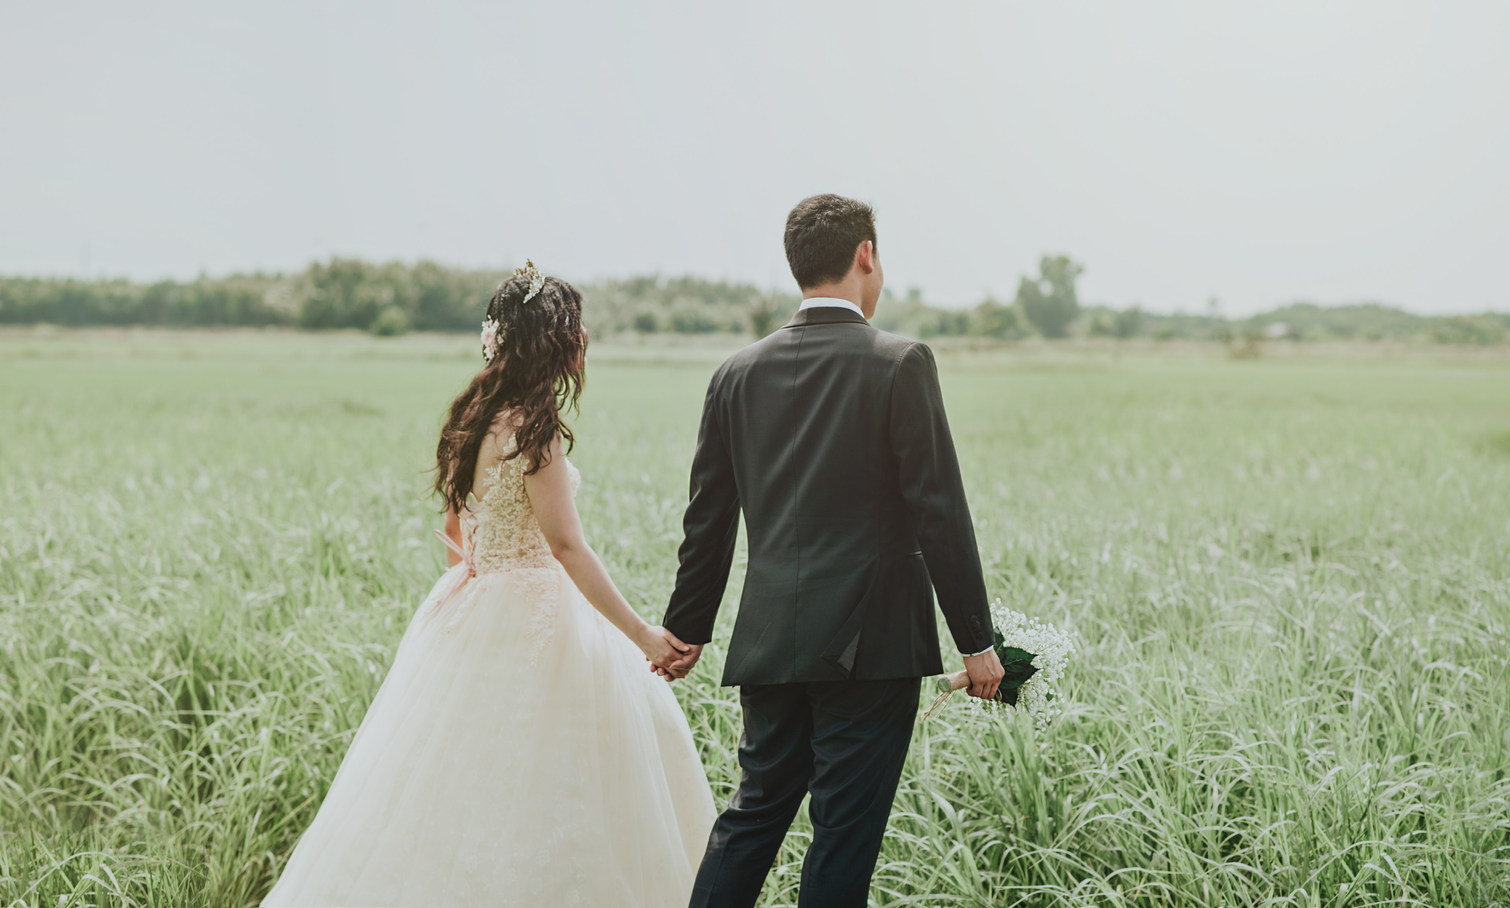 bouquet-bride-bride-and-groom-752842.jpg